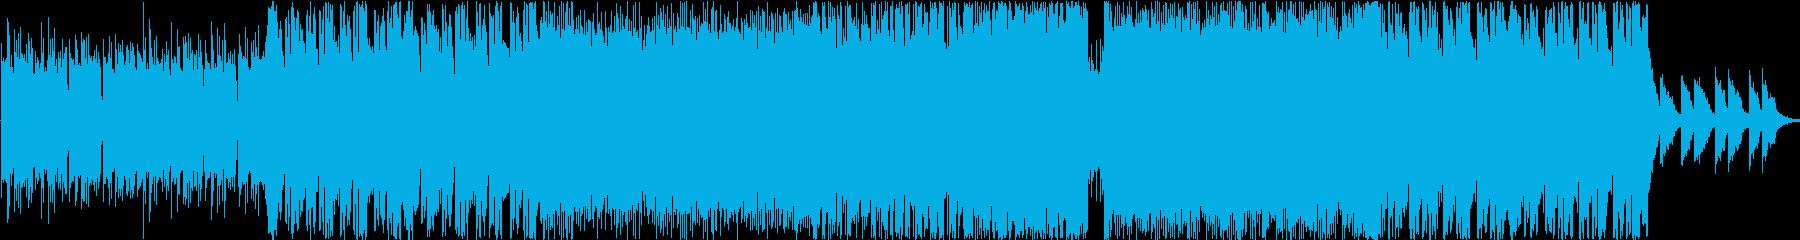 ドライブに流したいfuturebassの再生済みの波形